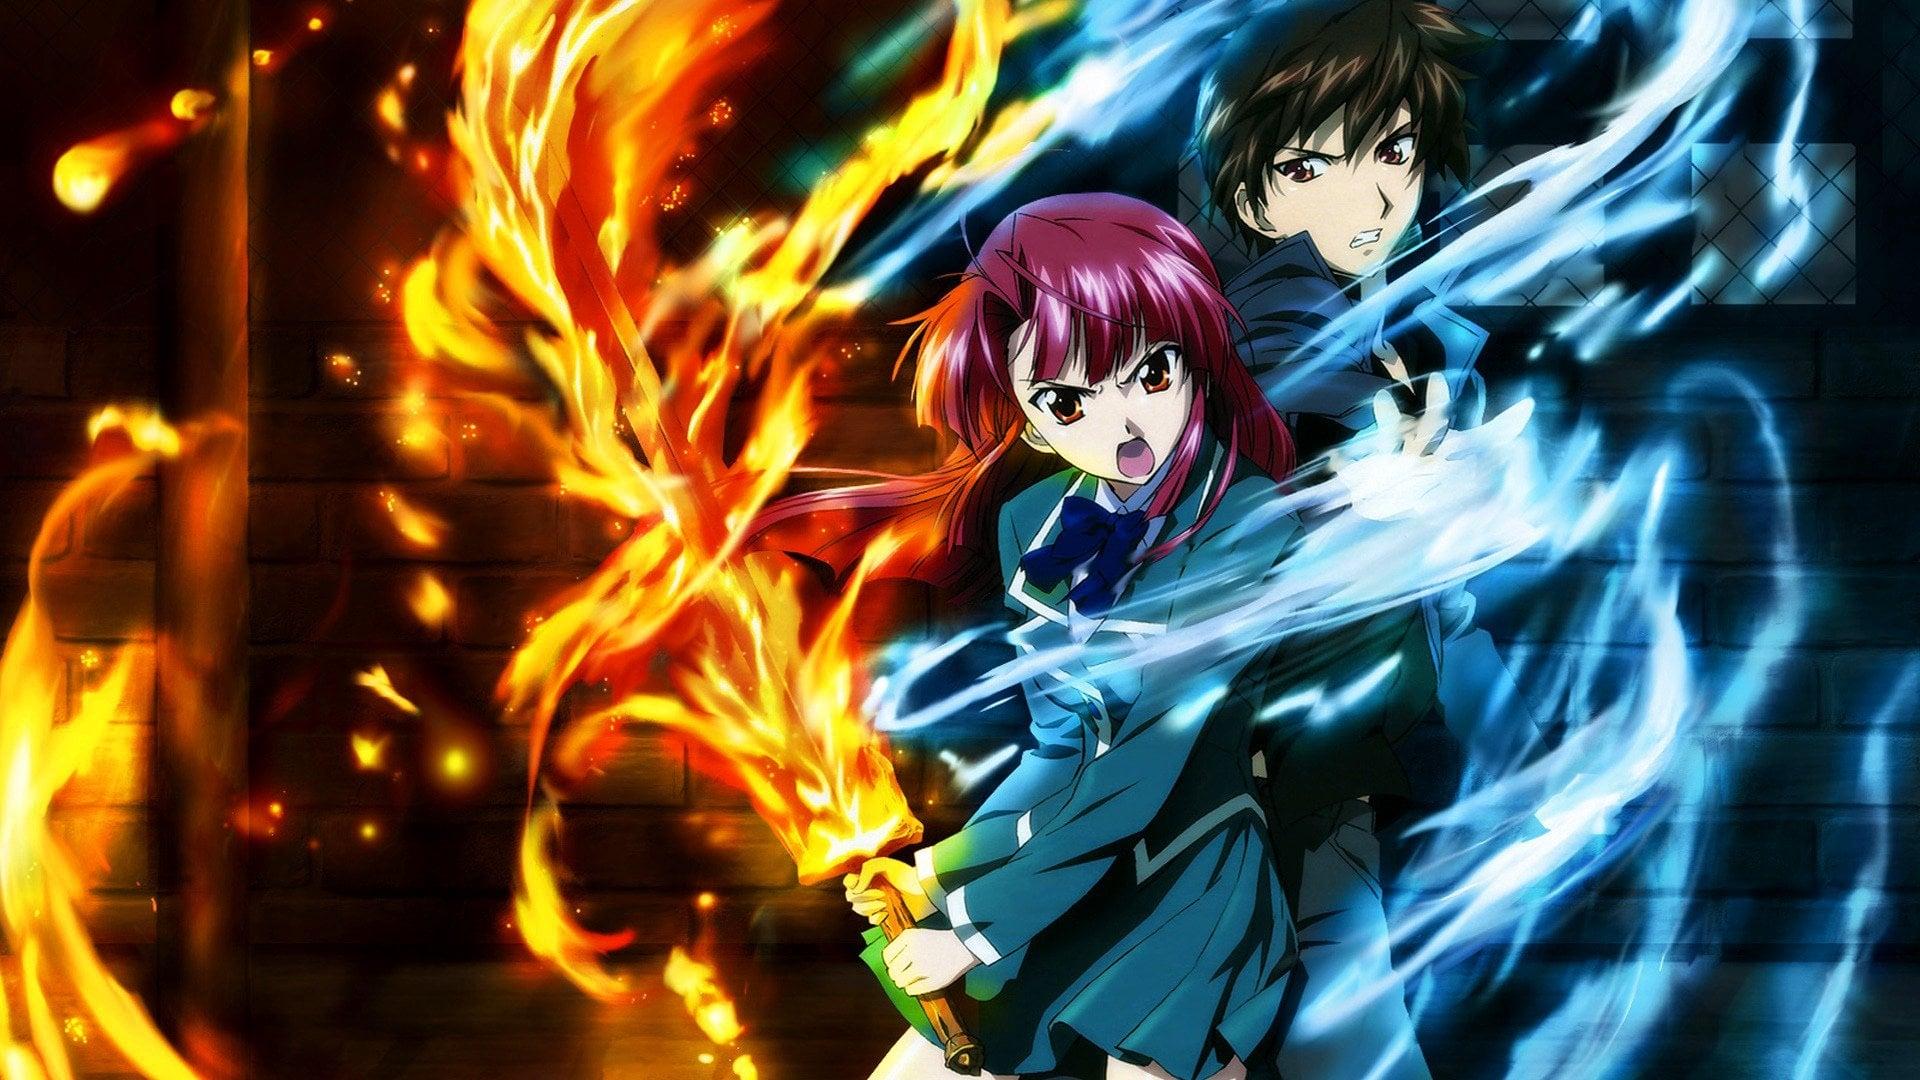 Аниме про школу магии где у главного героя нет волшебных сил кабинет школы магии